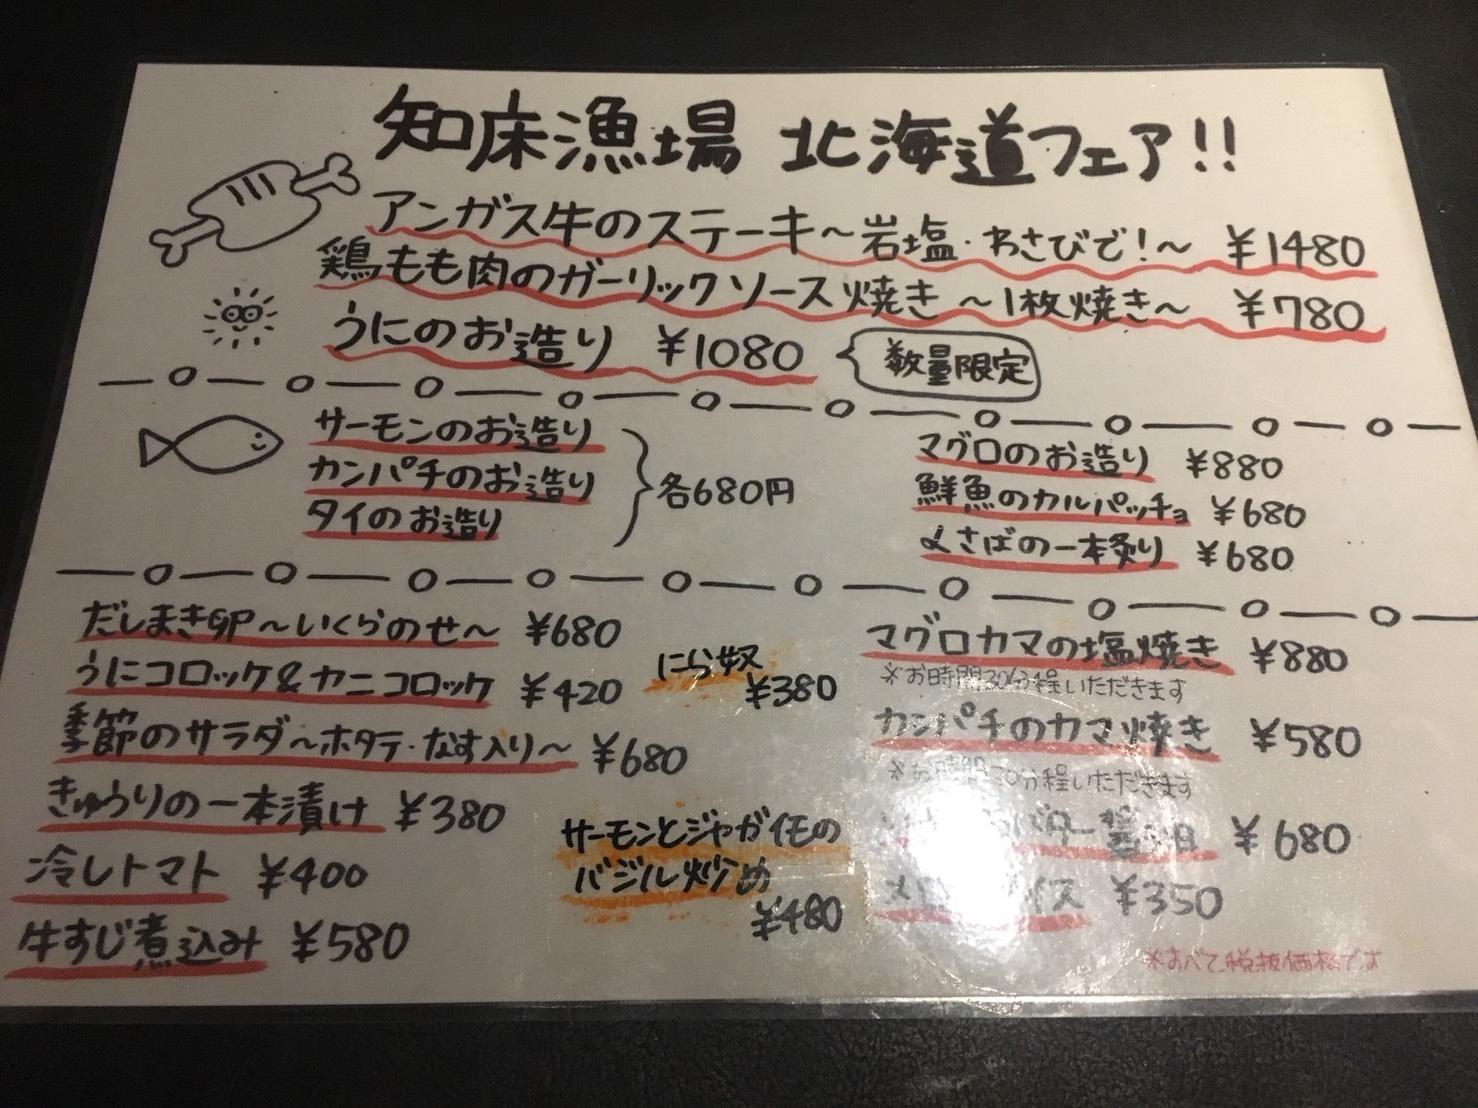 【池袋駅】いくらこぼれ丼を求めて「北海道知床漁場」の北海道フェアメニュー